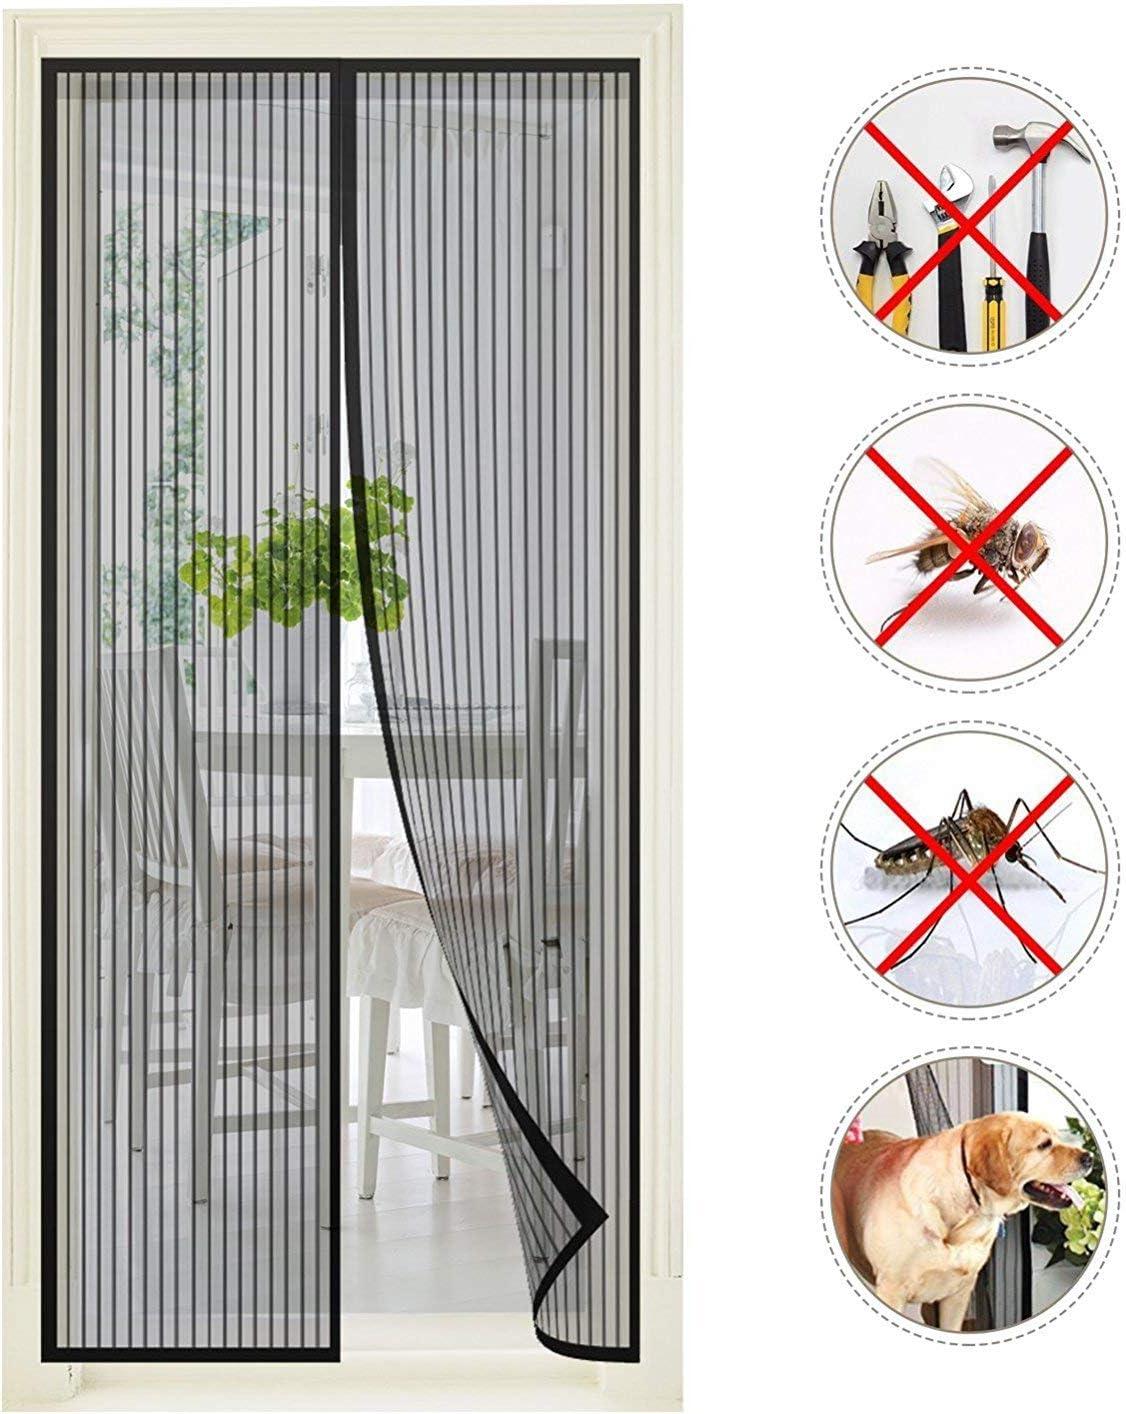 Grau 115x215cm Magnet Fliegengitter Balkont/ür Fliegengitter Balkont/ür Insektenschutz Frei Magnetisch f/ür Balkont/ür Wohnzimmer Terrassent/ür